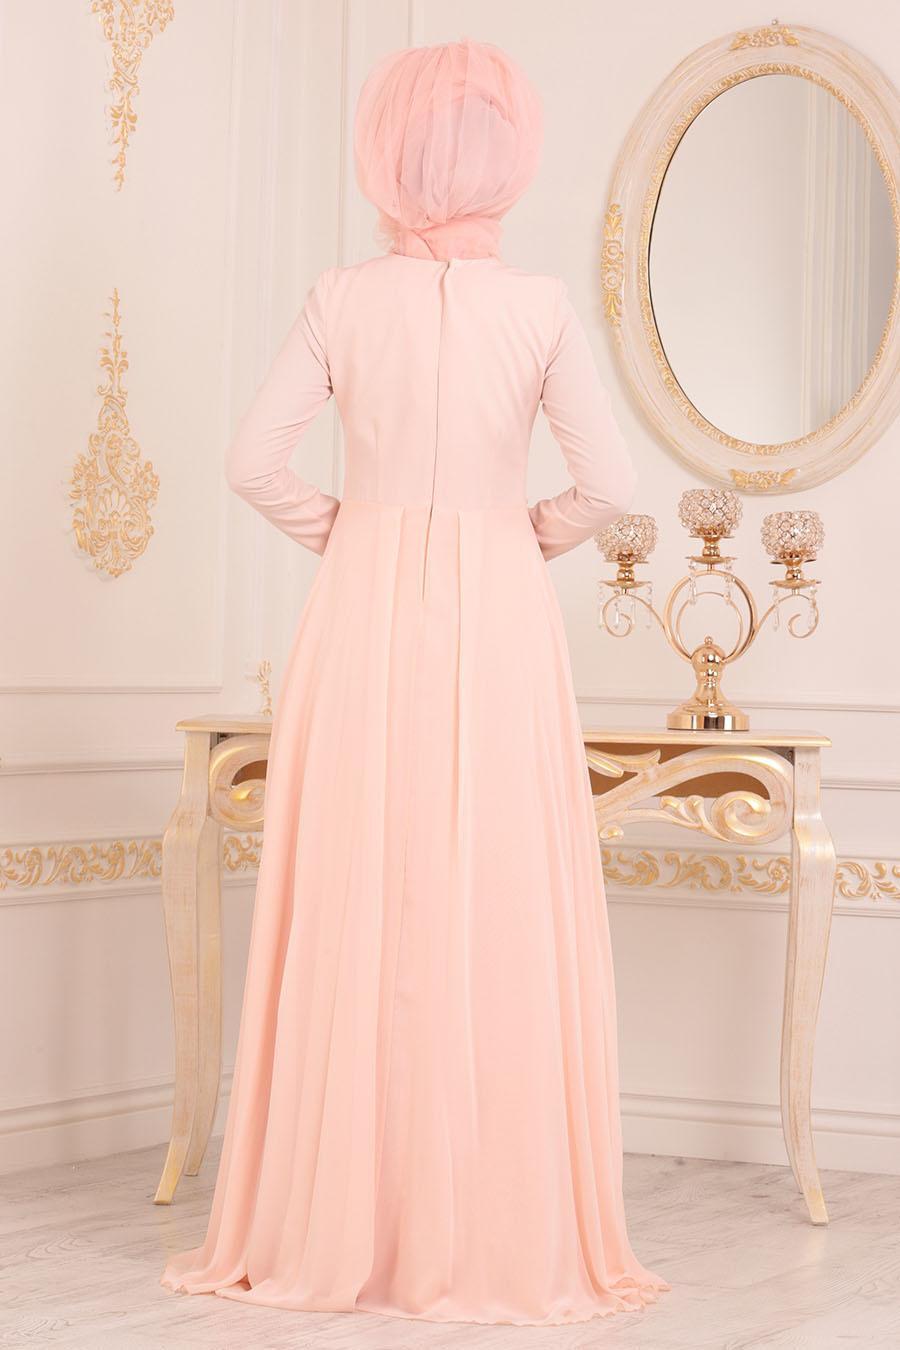 Tesettürlü Abiye Elbise - Dantel Detaylı Somon Tesettür Abiye Elbise 20510SMN